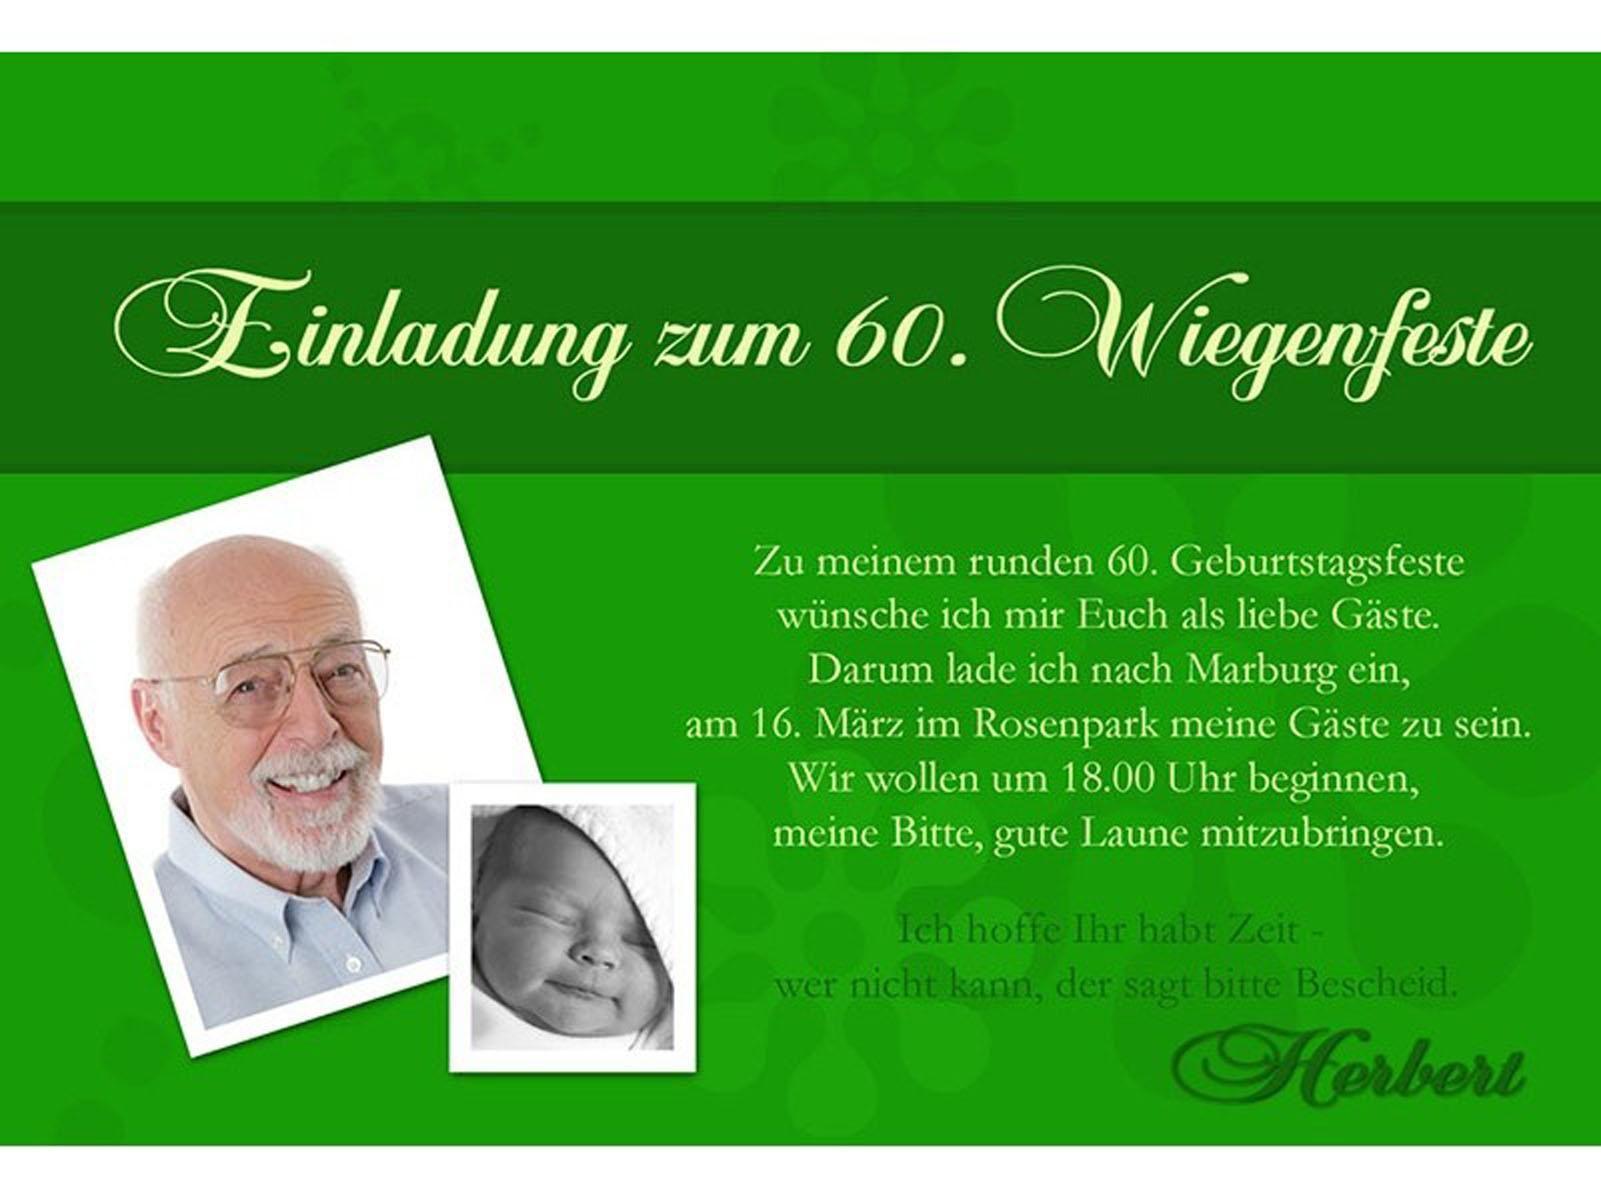 awesome Texte Fur Einladungskarten Zum 60 Geburtstag #1: einladungskarten-60-geburtstag-text